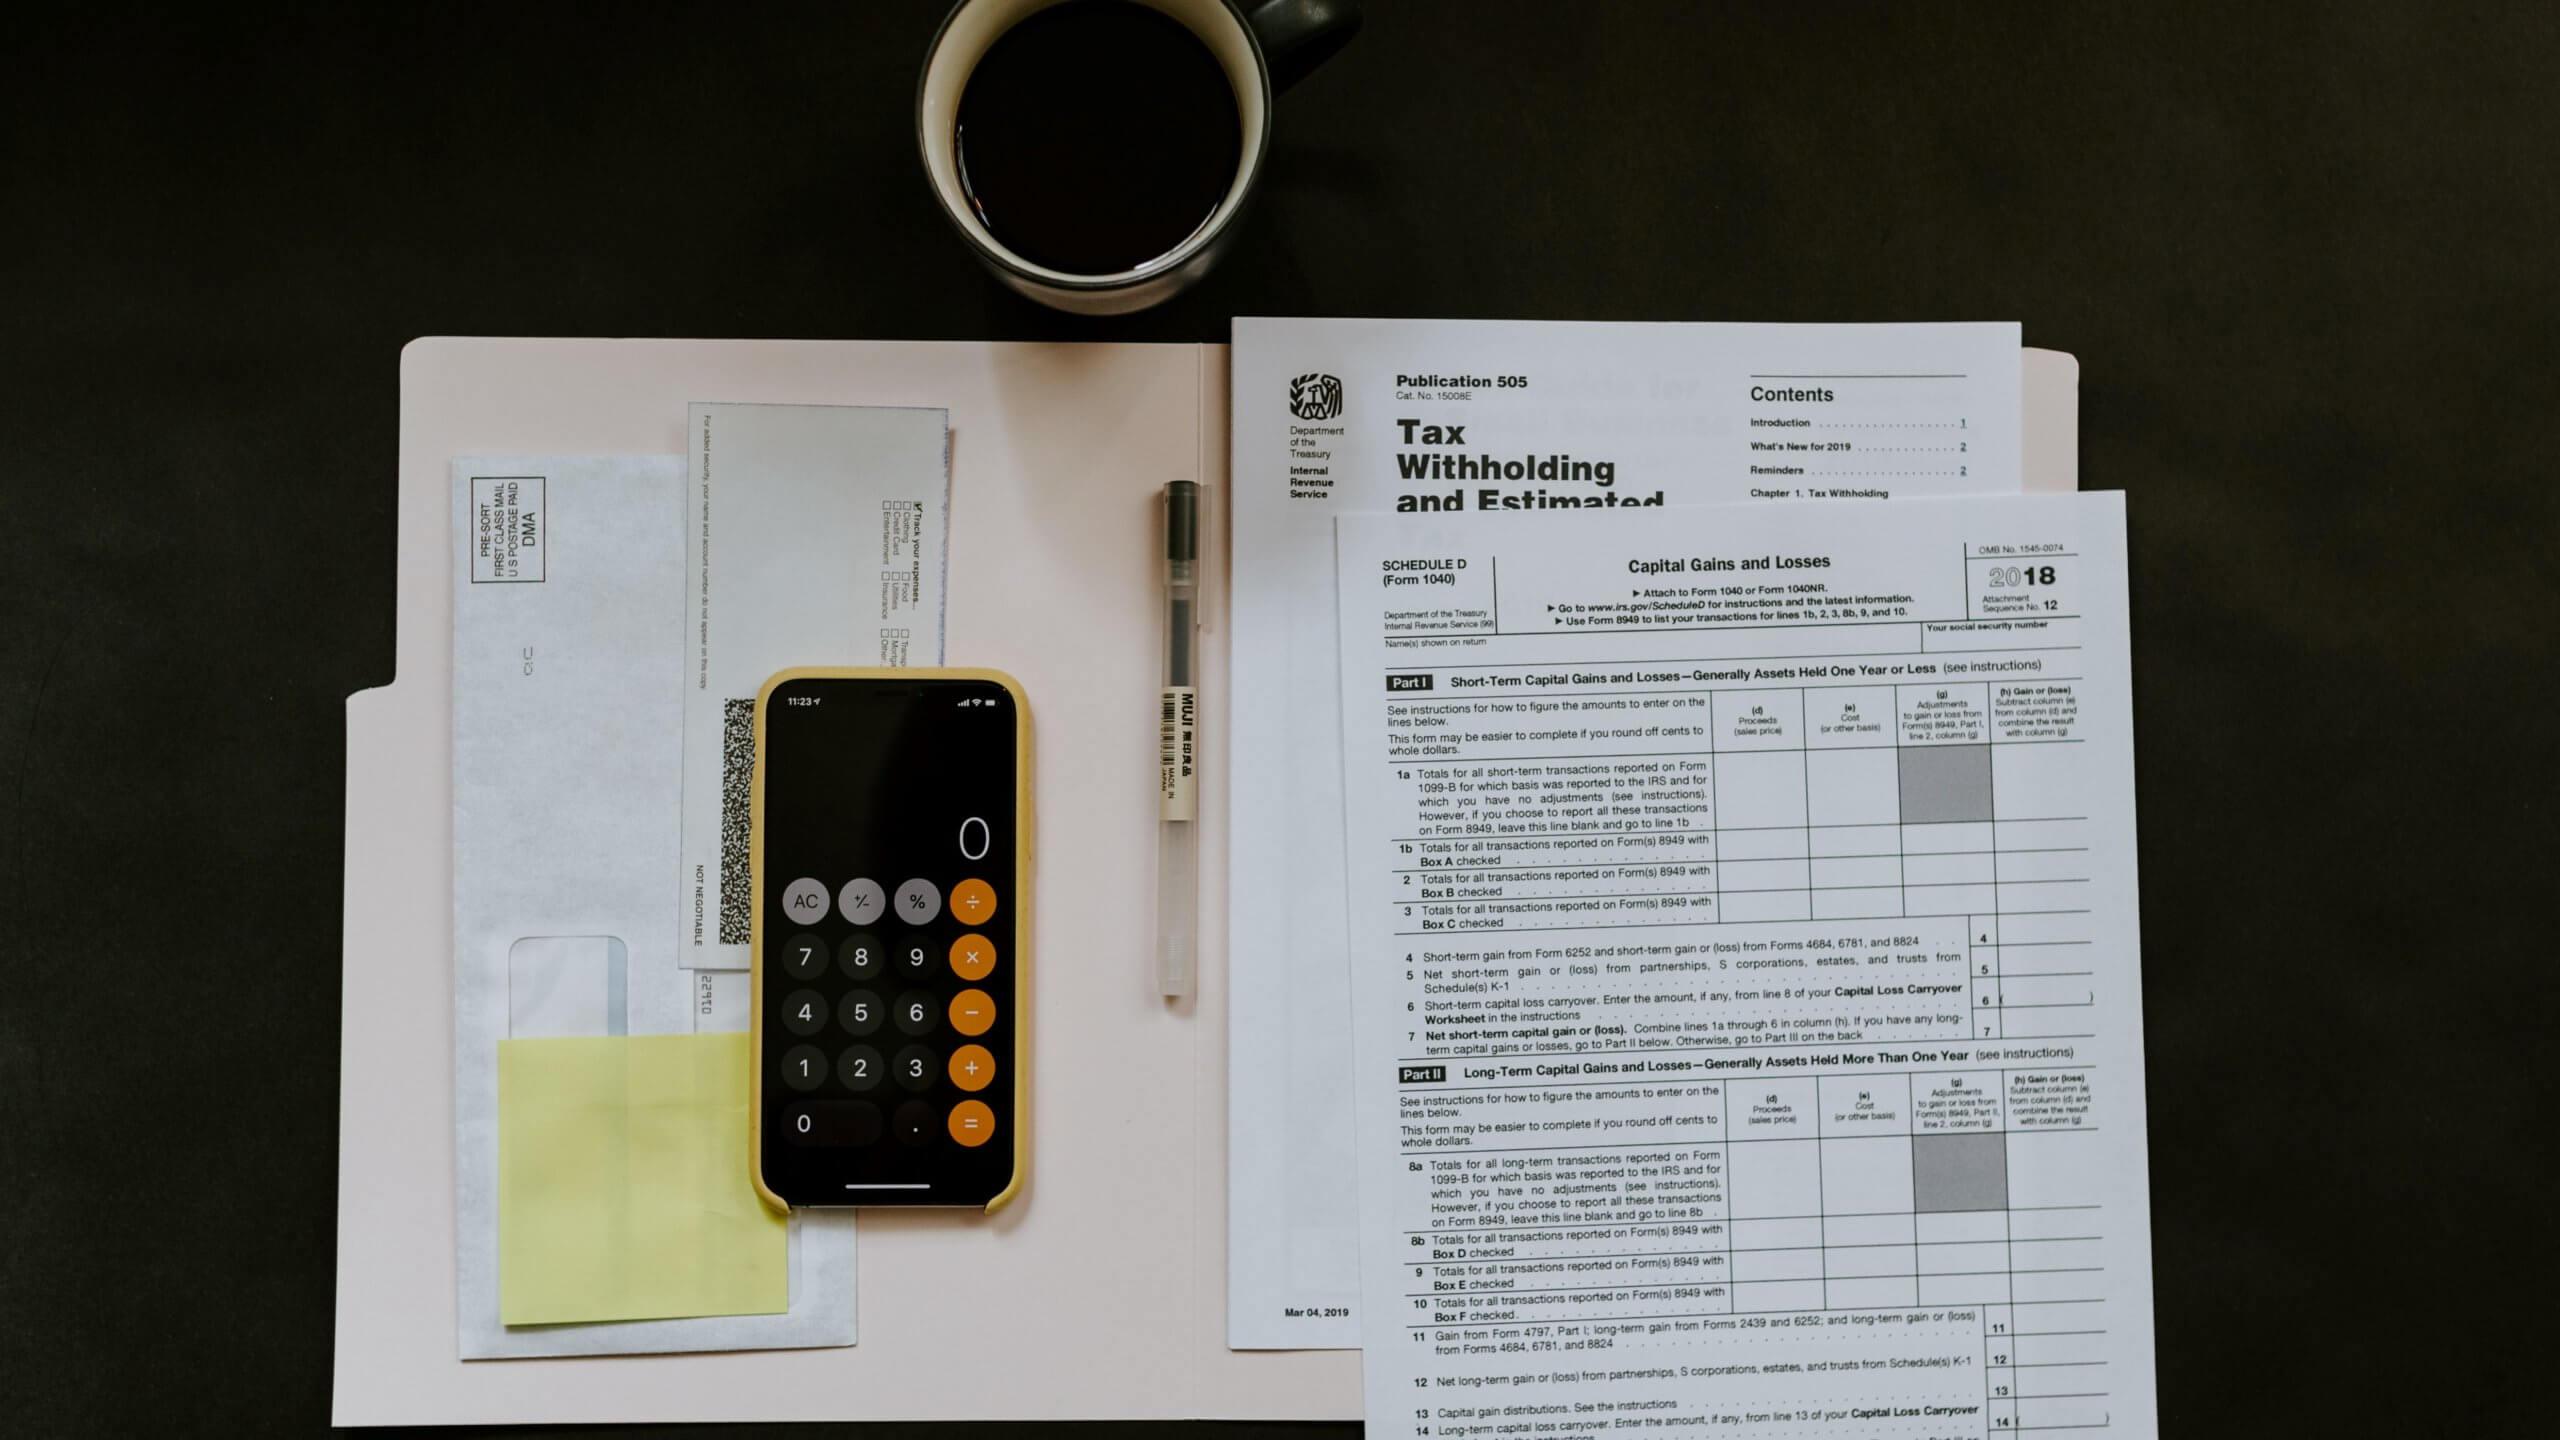 Что делать предпринимателю и бухгалтеру при выемке документов?  Права и обязанности.